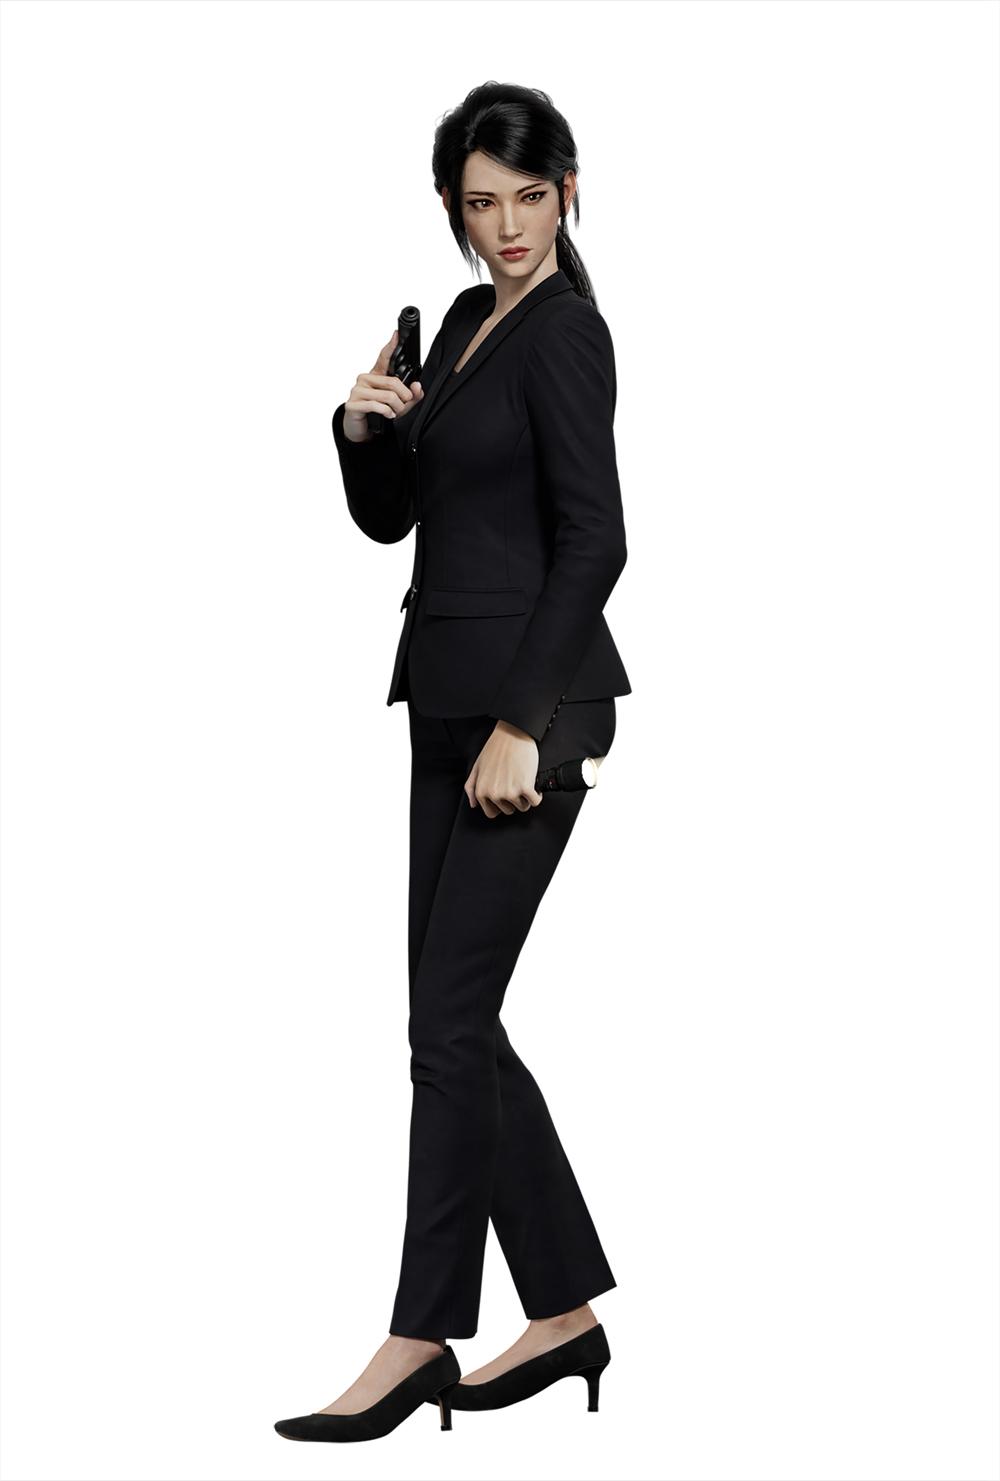 Shen May (Jona Xiao)